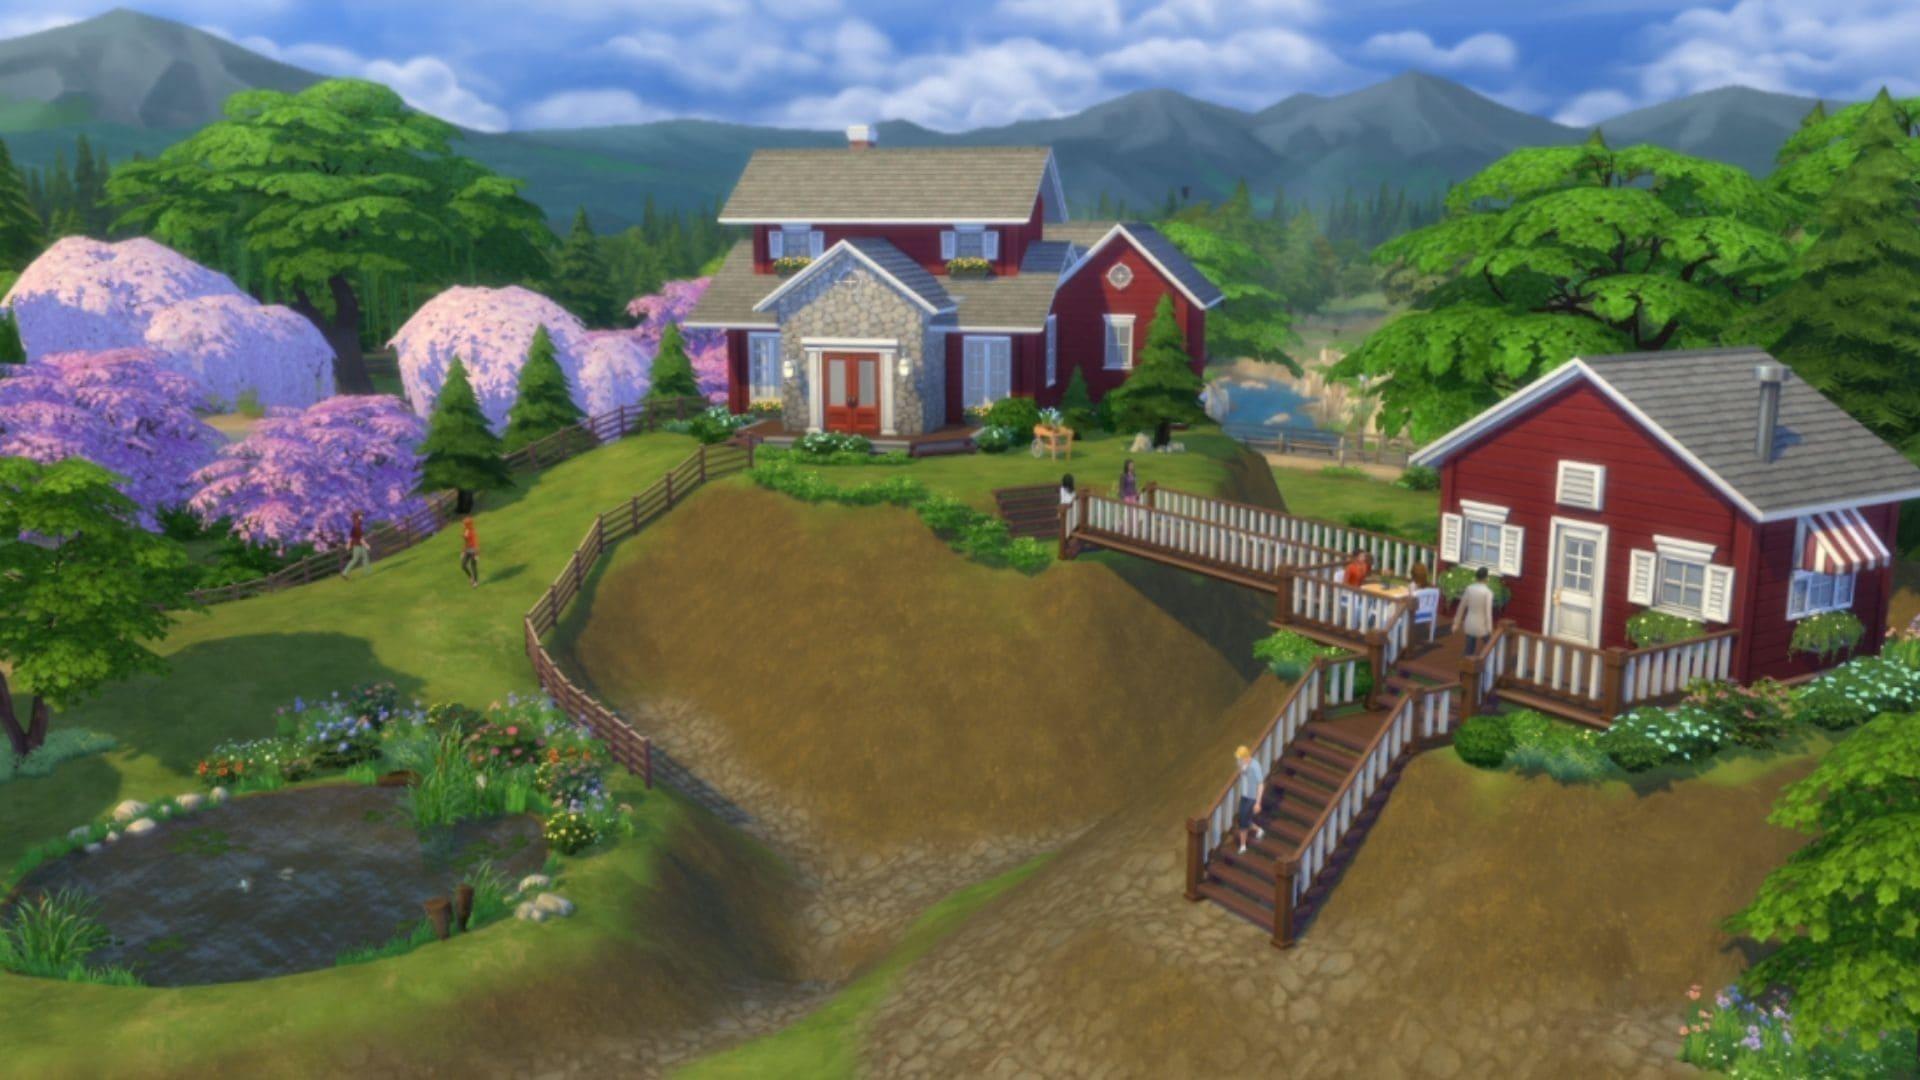 Cenário de The Sims 4 com duas casas em uma colina